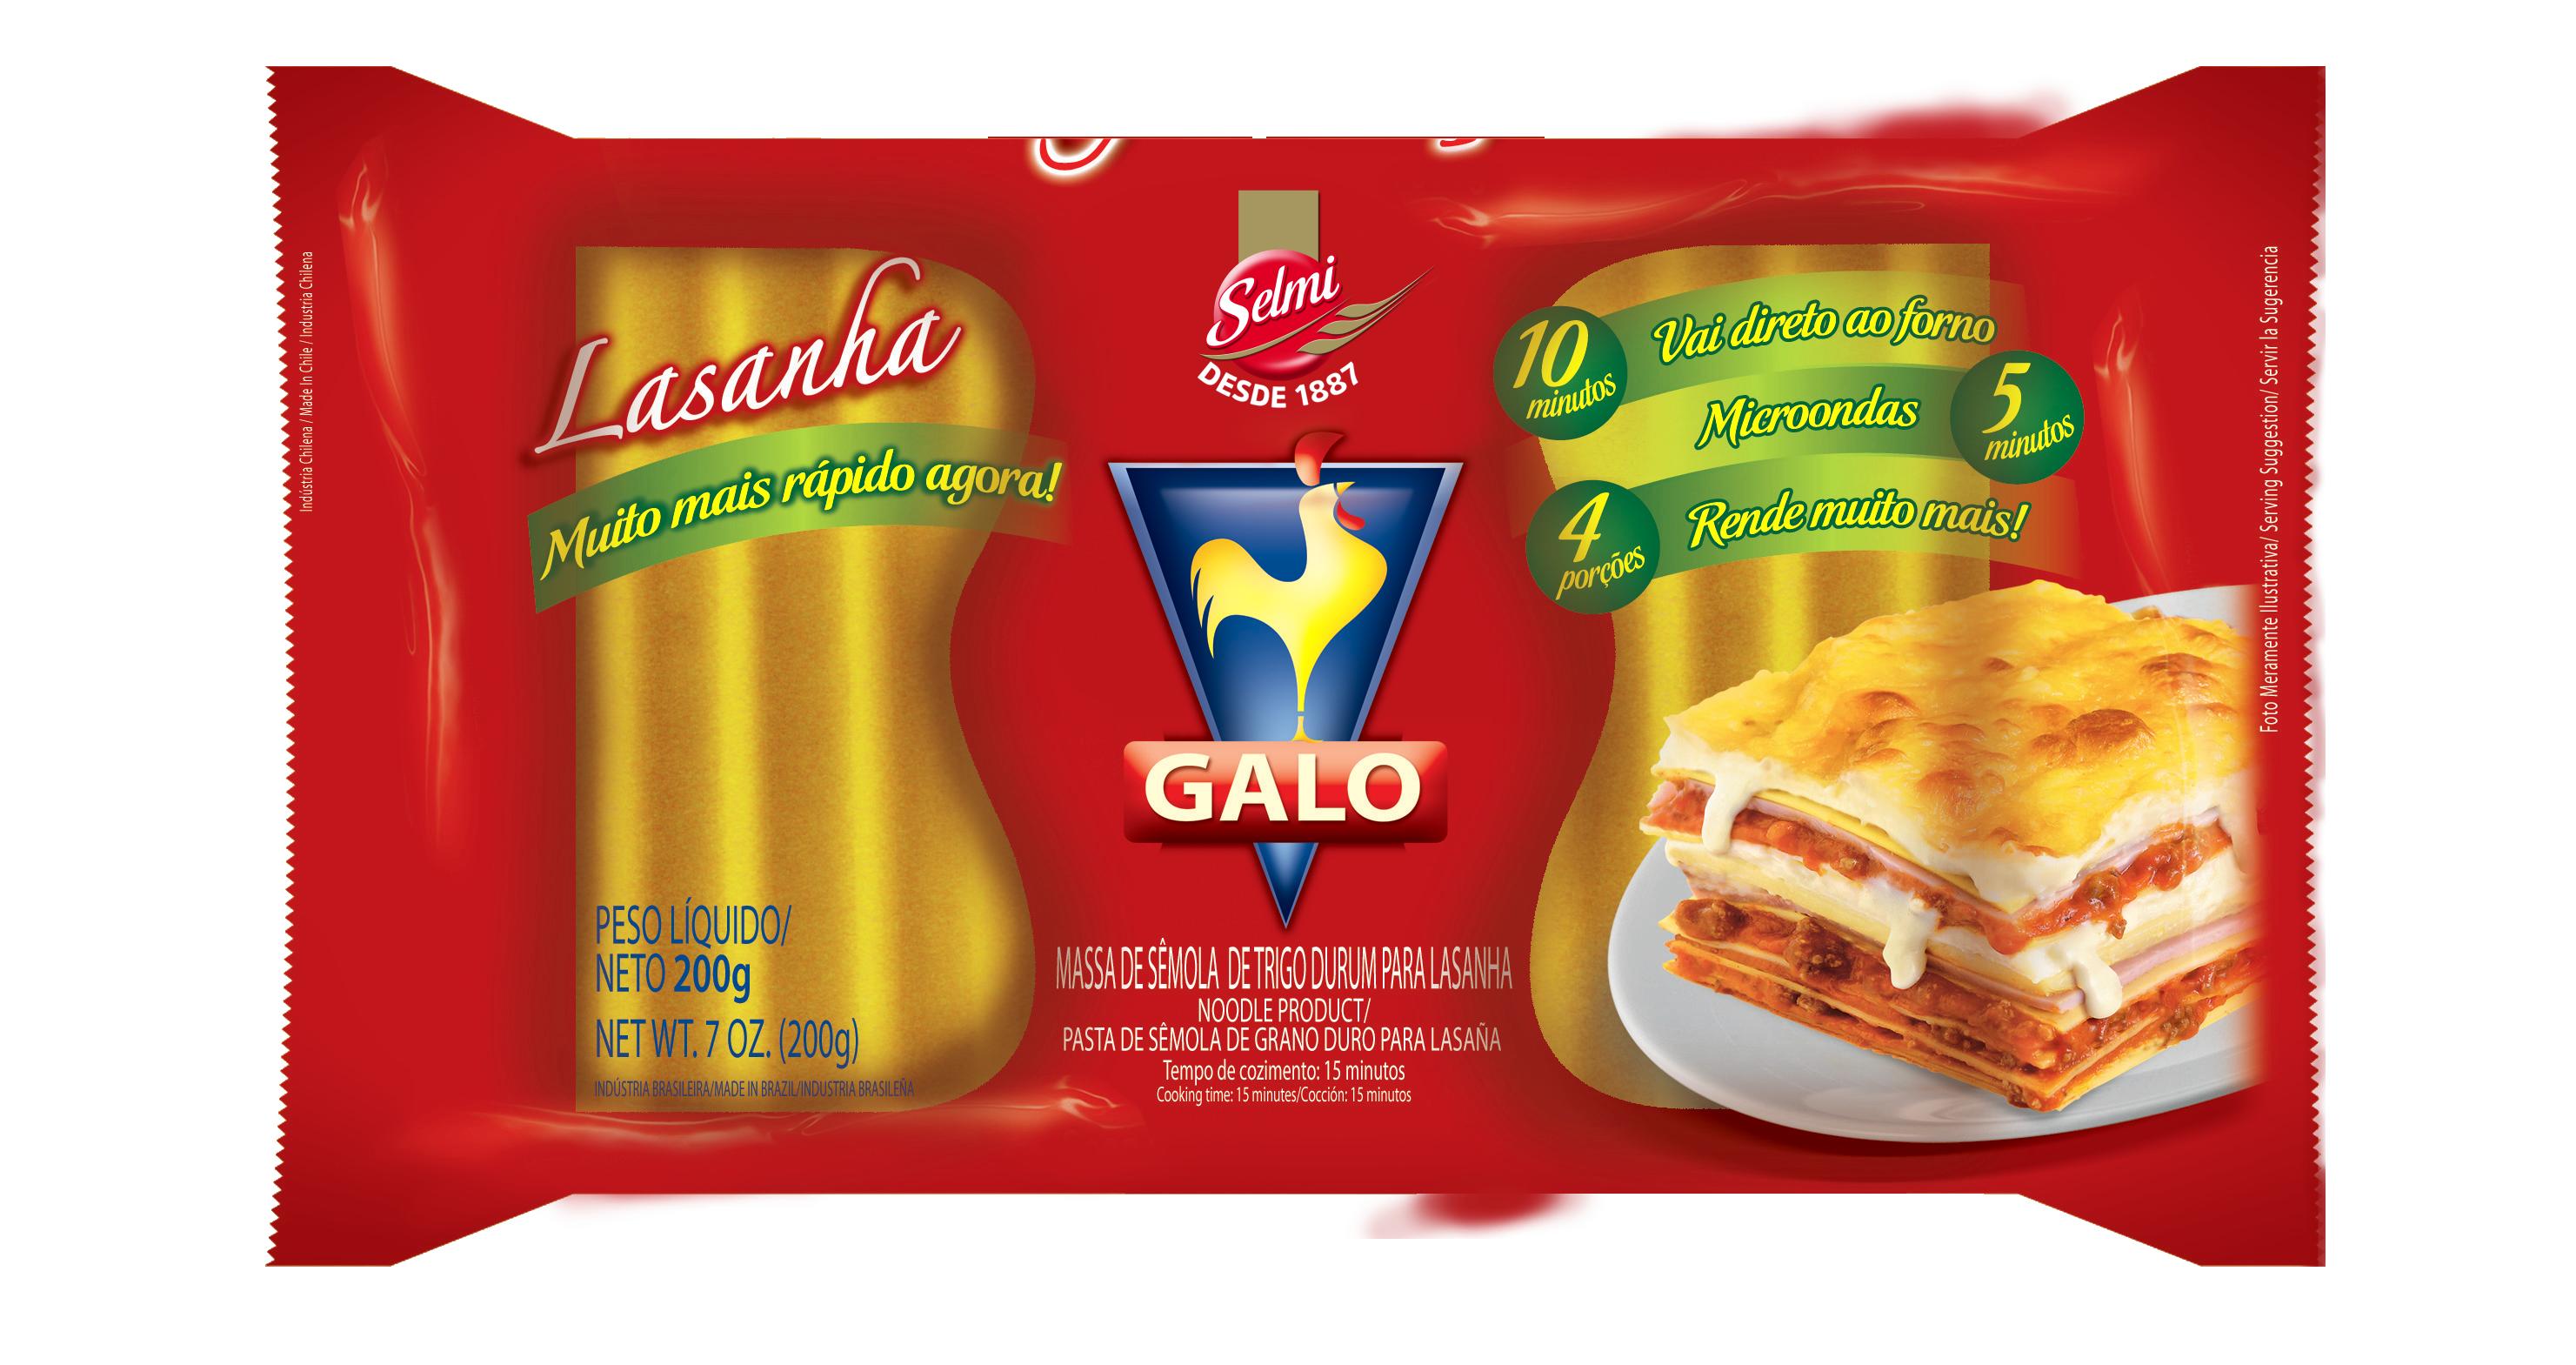 Macarrão Galo Sêmola Lasanha - 200 g